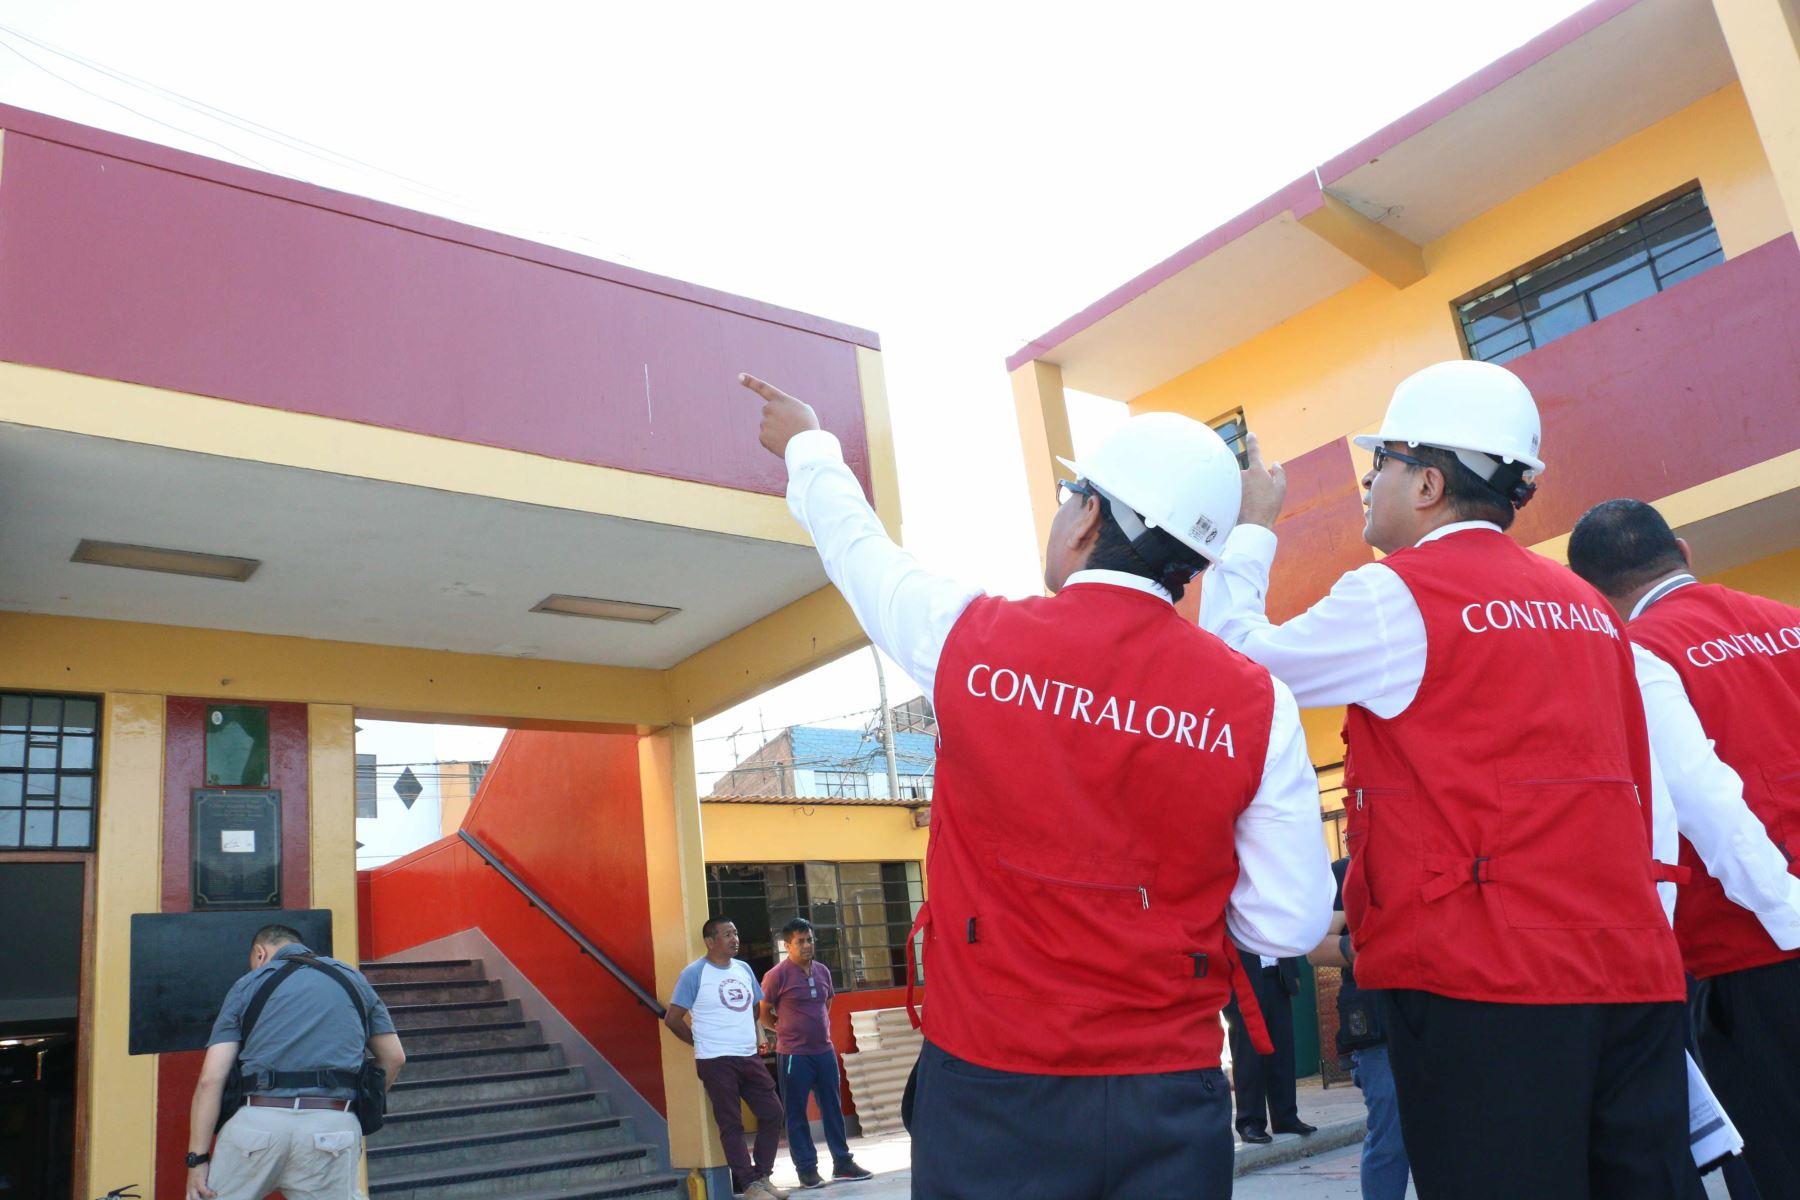 Contraloría ejerció supervisión en colegios públicos sobre Buen Inicio delFoto:  Año escolar 2018. Foto: Andina/difusión.